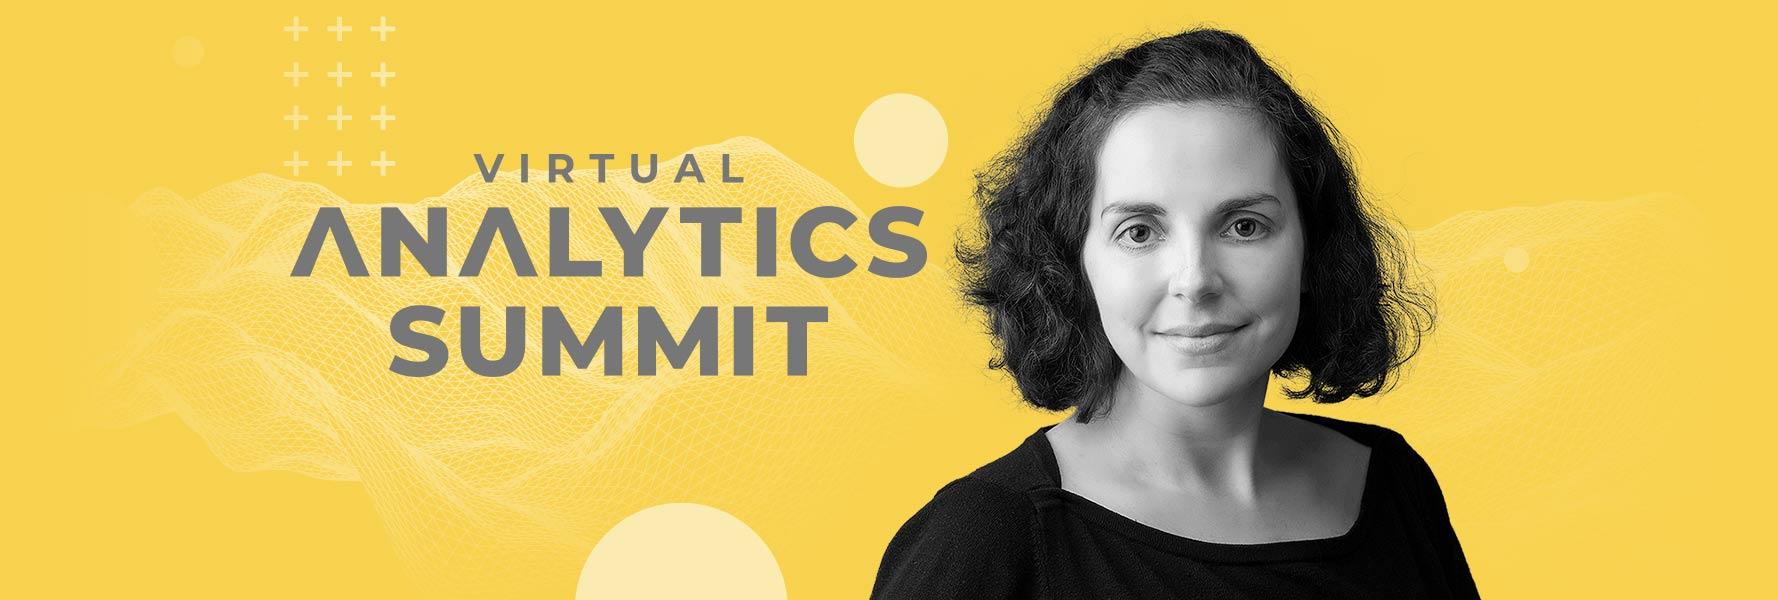 aimee bos at virtual analytics summit